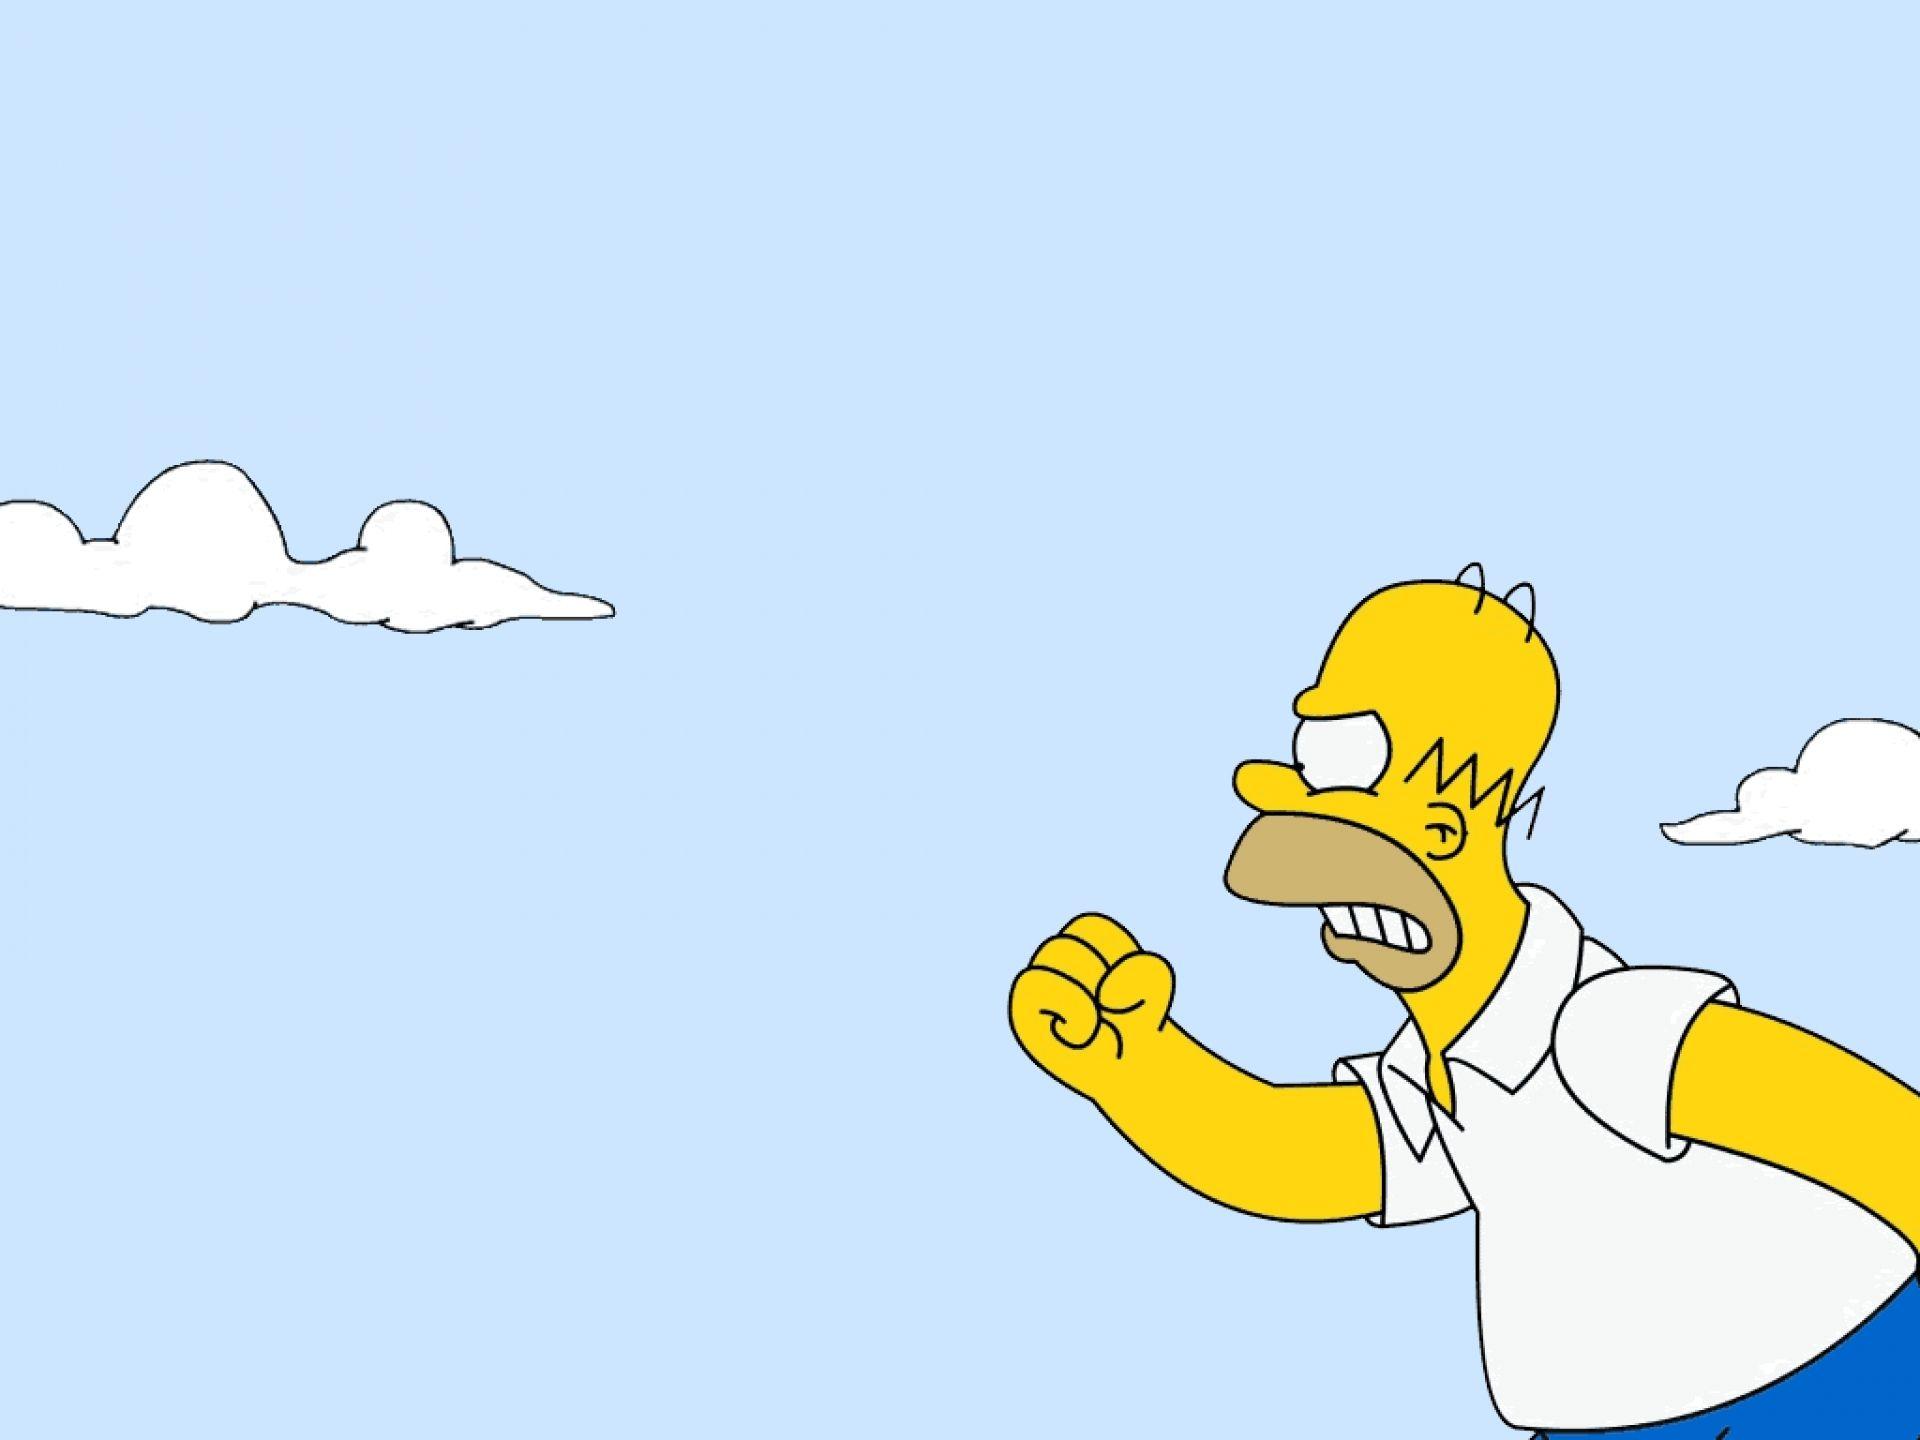 Simpsons HD desktop wallpaper High Definition Fullscreen